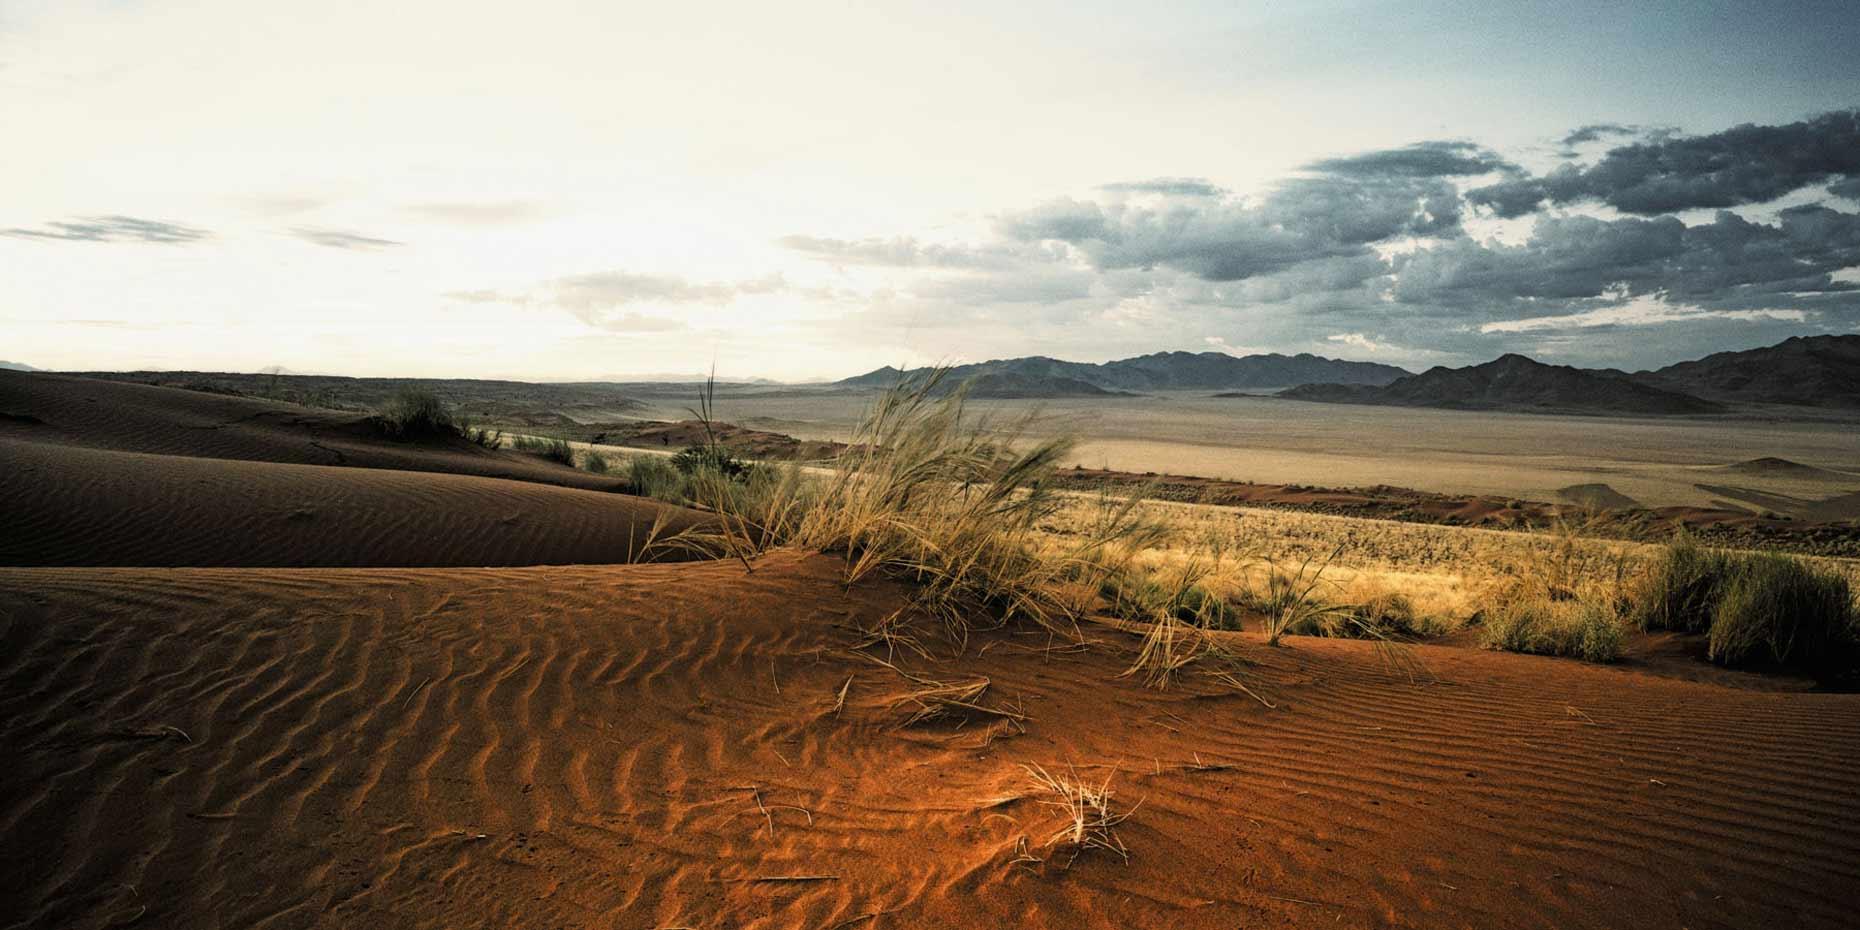 fotografie-rotterdam-fotograaf-pim-vuik-namibia54-L.jpg